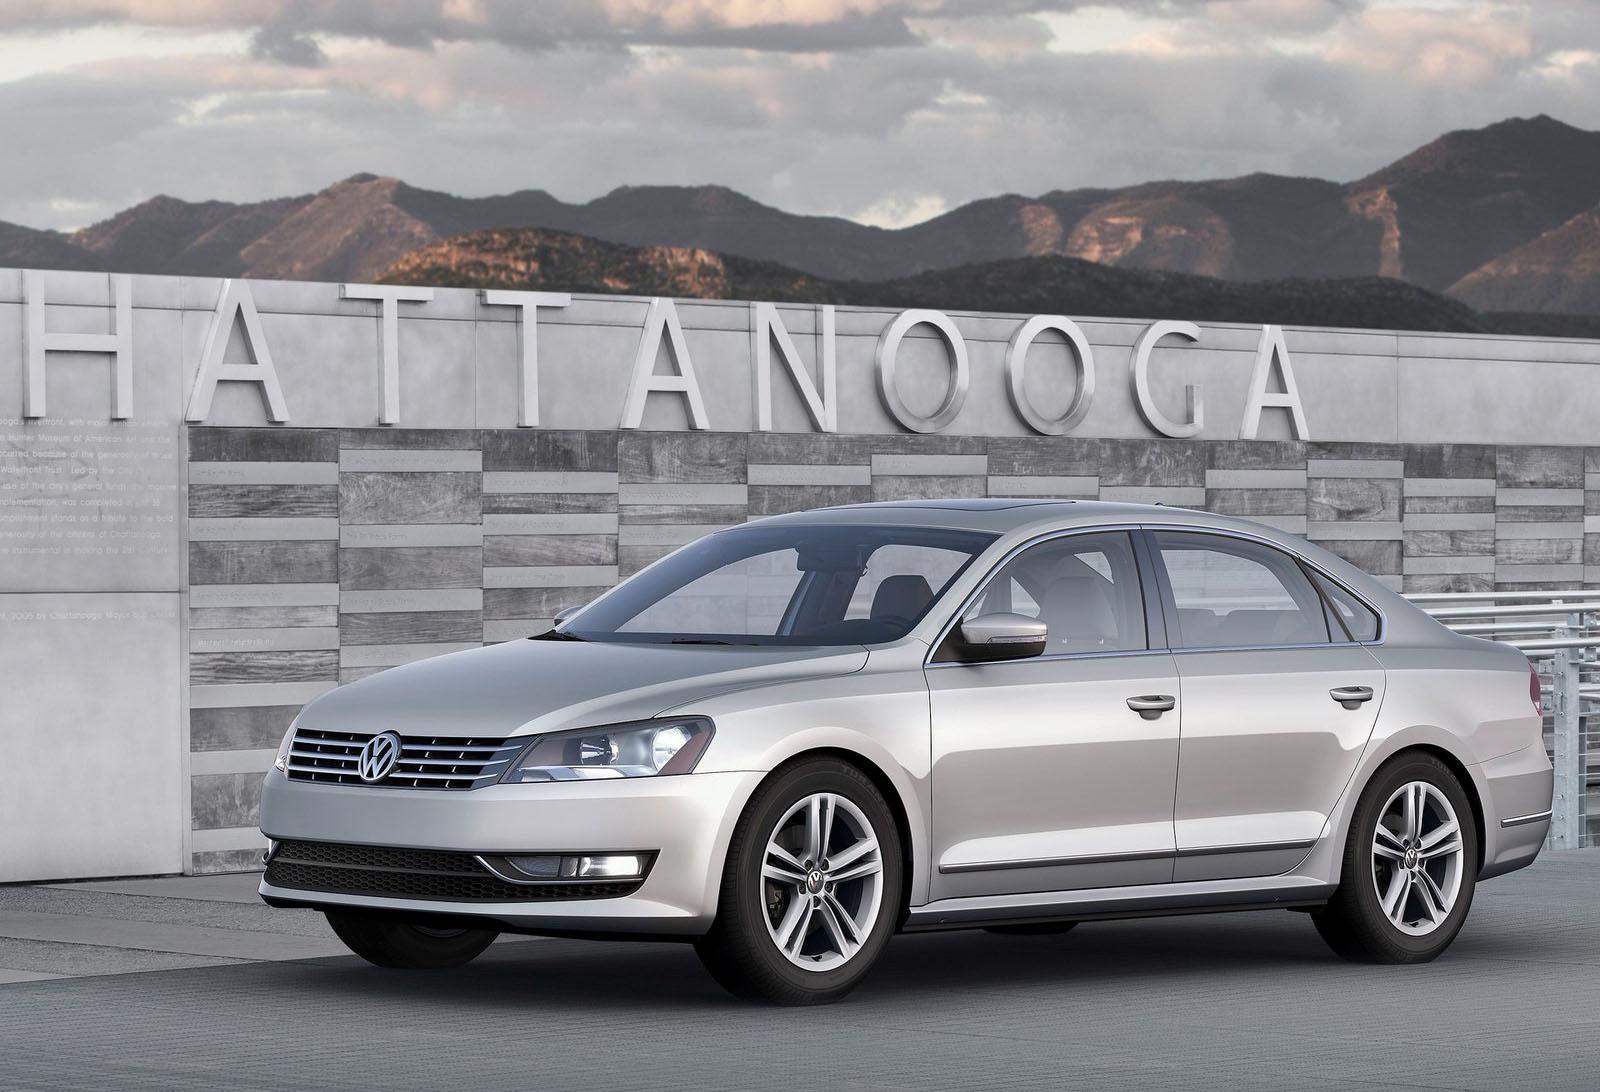 VW vw passat 2001 : 2012 Volkswagen Passat TDI: GreenCarReports Best Car To Buy 2012 ...